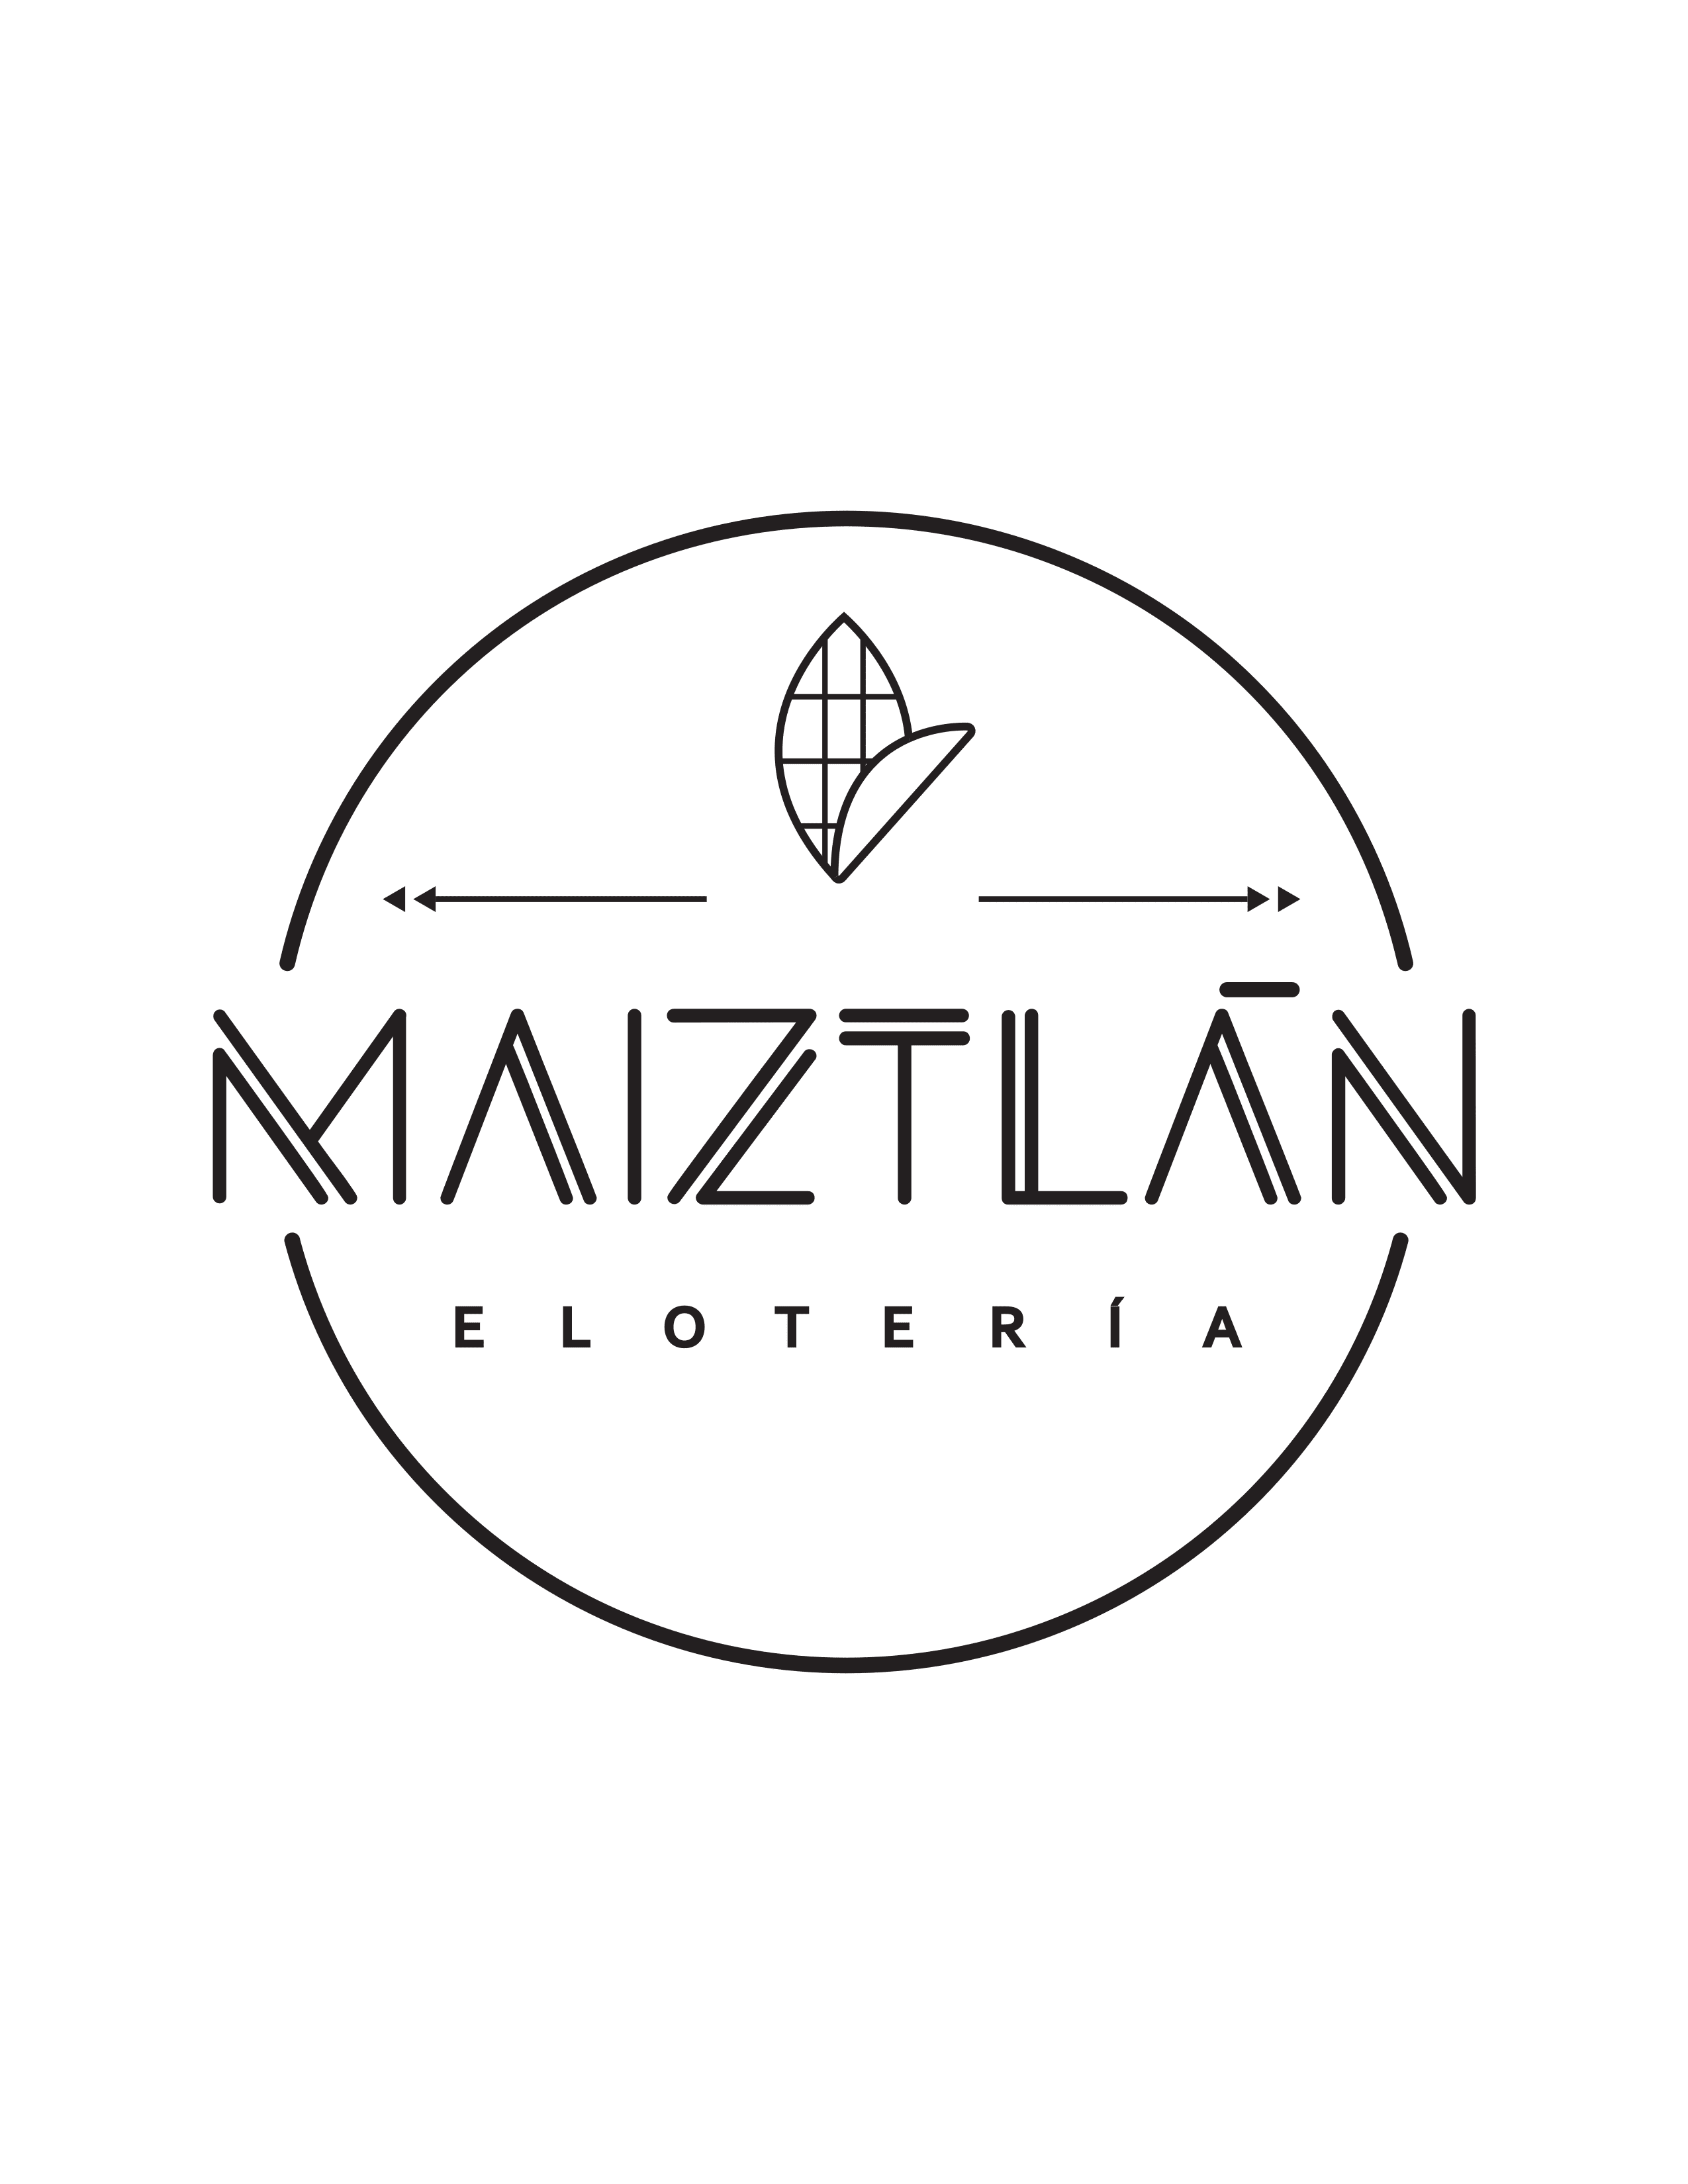 Maiztlán